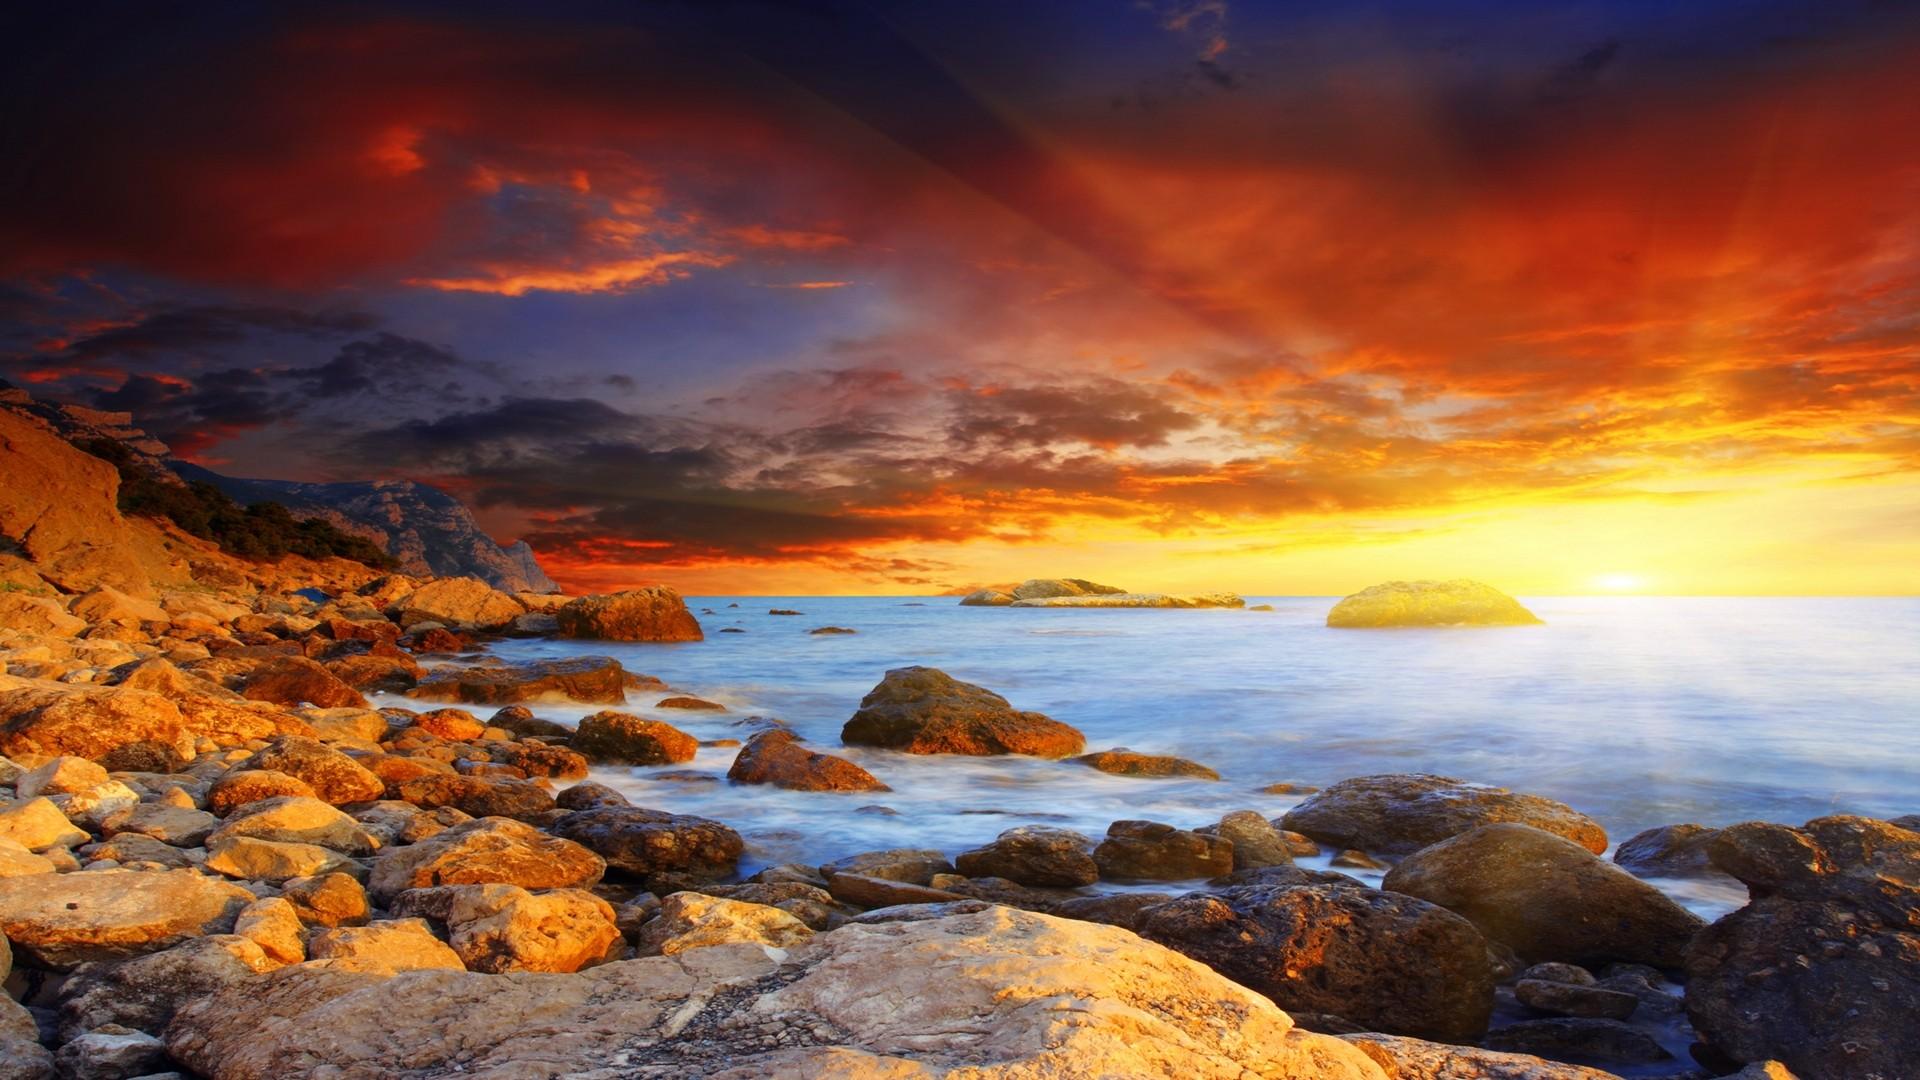 1920x1080 wallpaper amazing sunset - photo #1